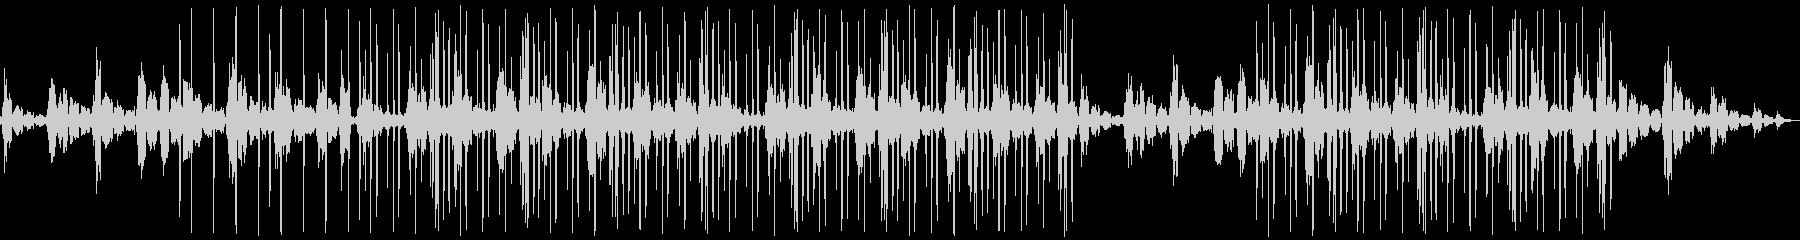 シンプル ピアノLo-Fi HipHopの未再生の波形